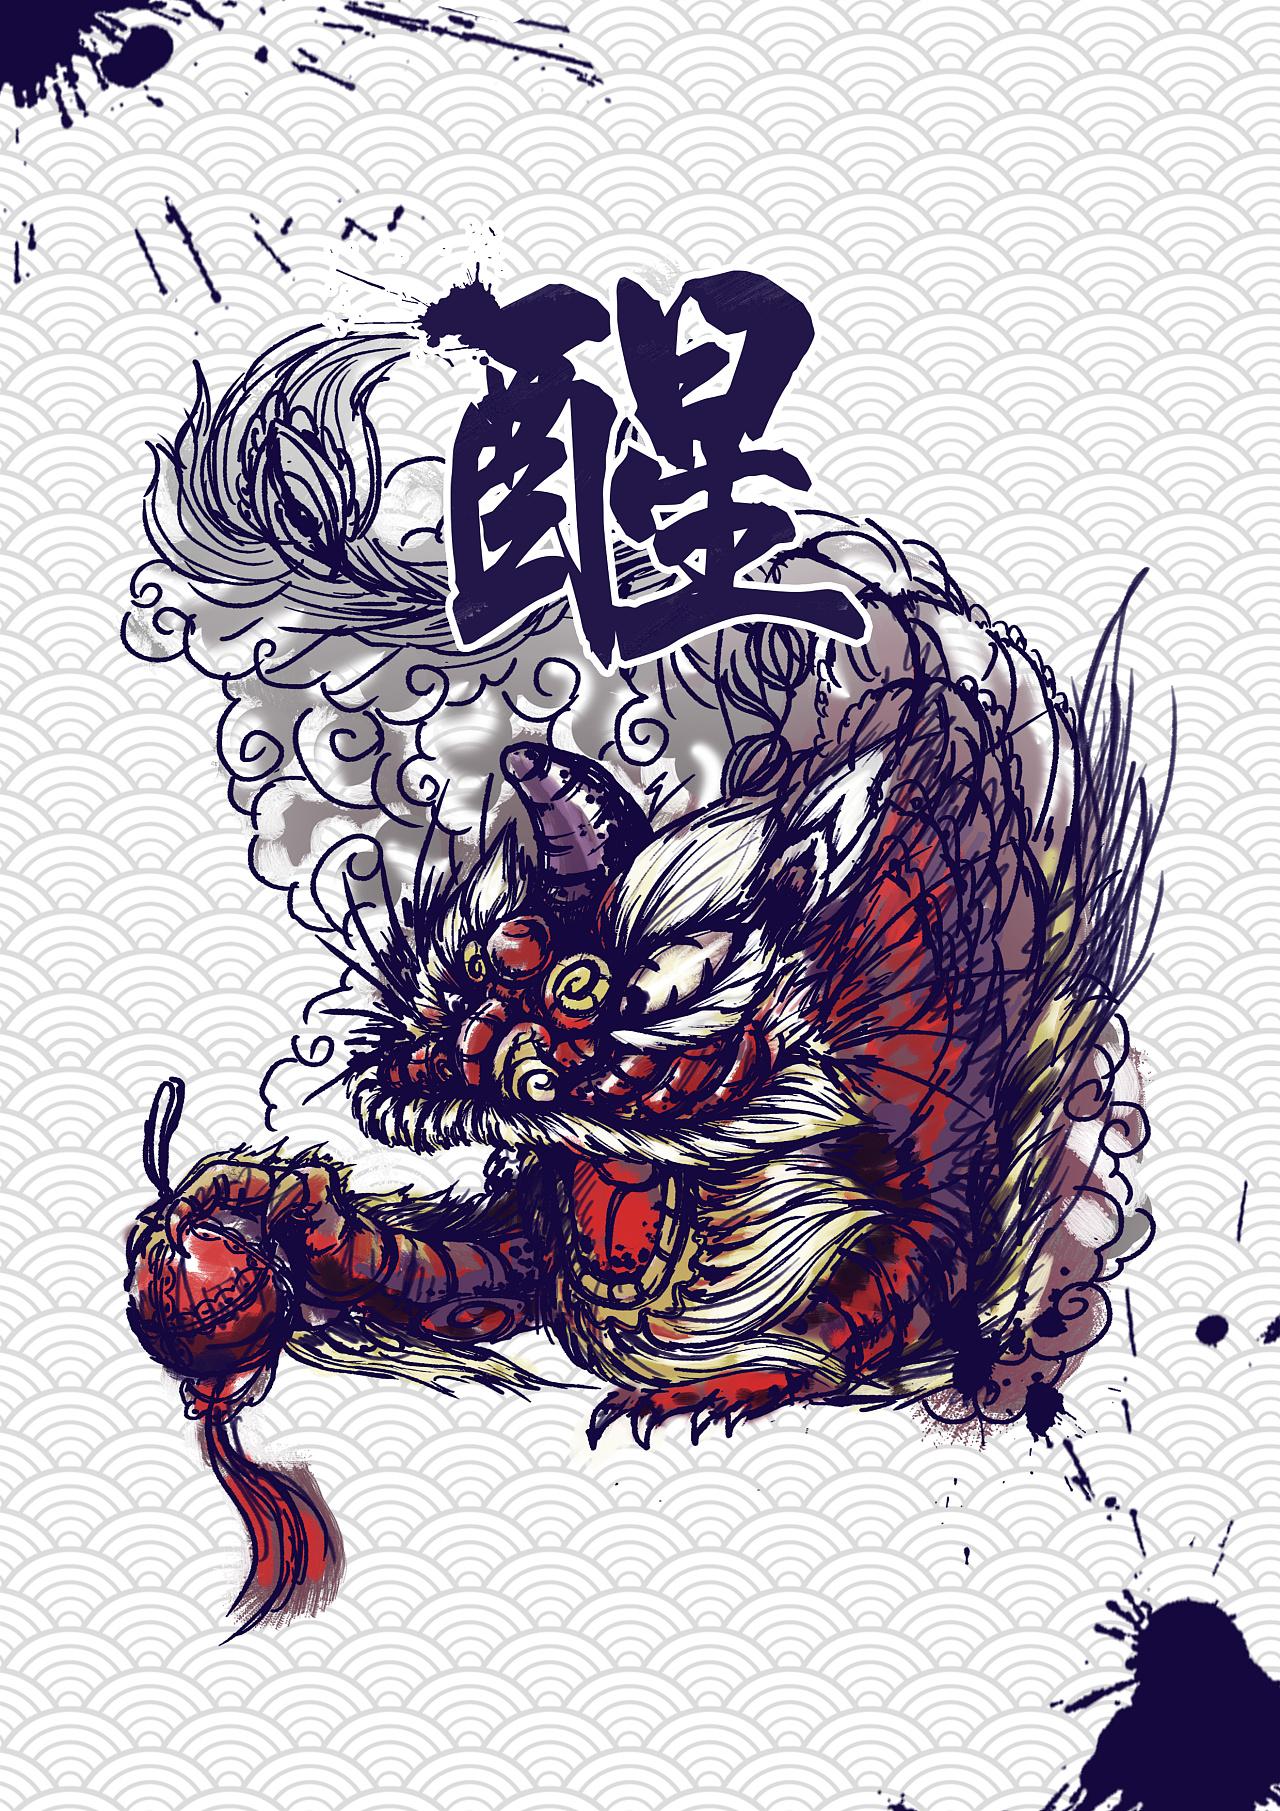 吾皇万岁表情_醒狮|插画|涂鸦/潮流|吾皇万万万岁 - 原创作品 - 站酷 (ZCOOL)